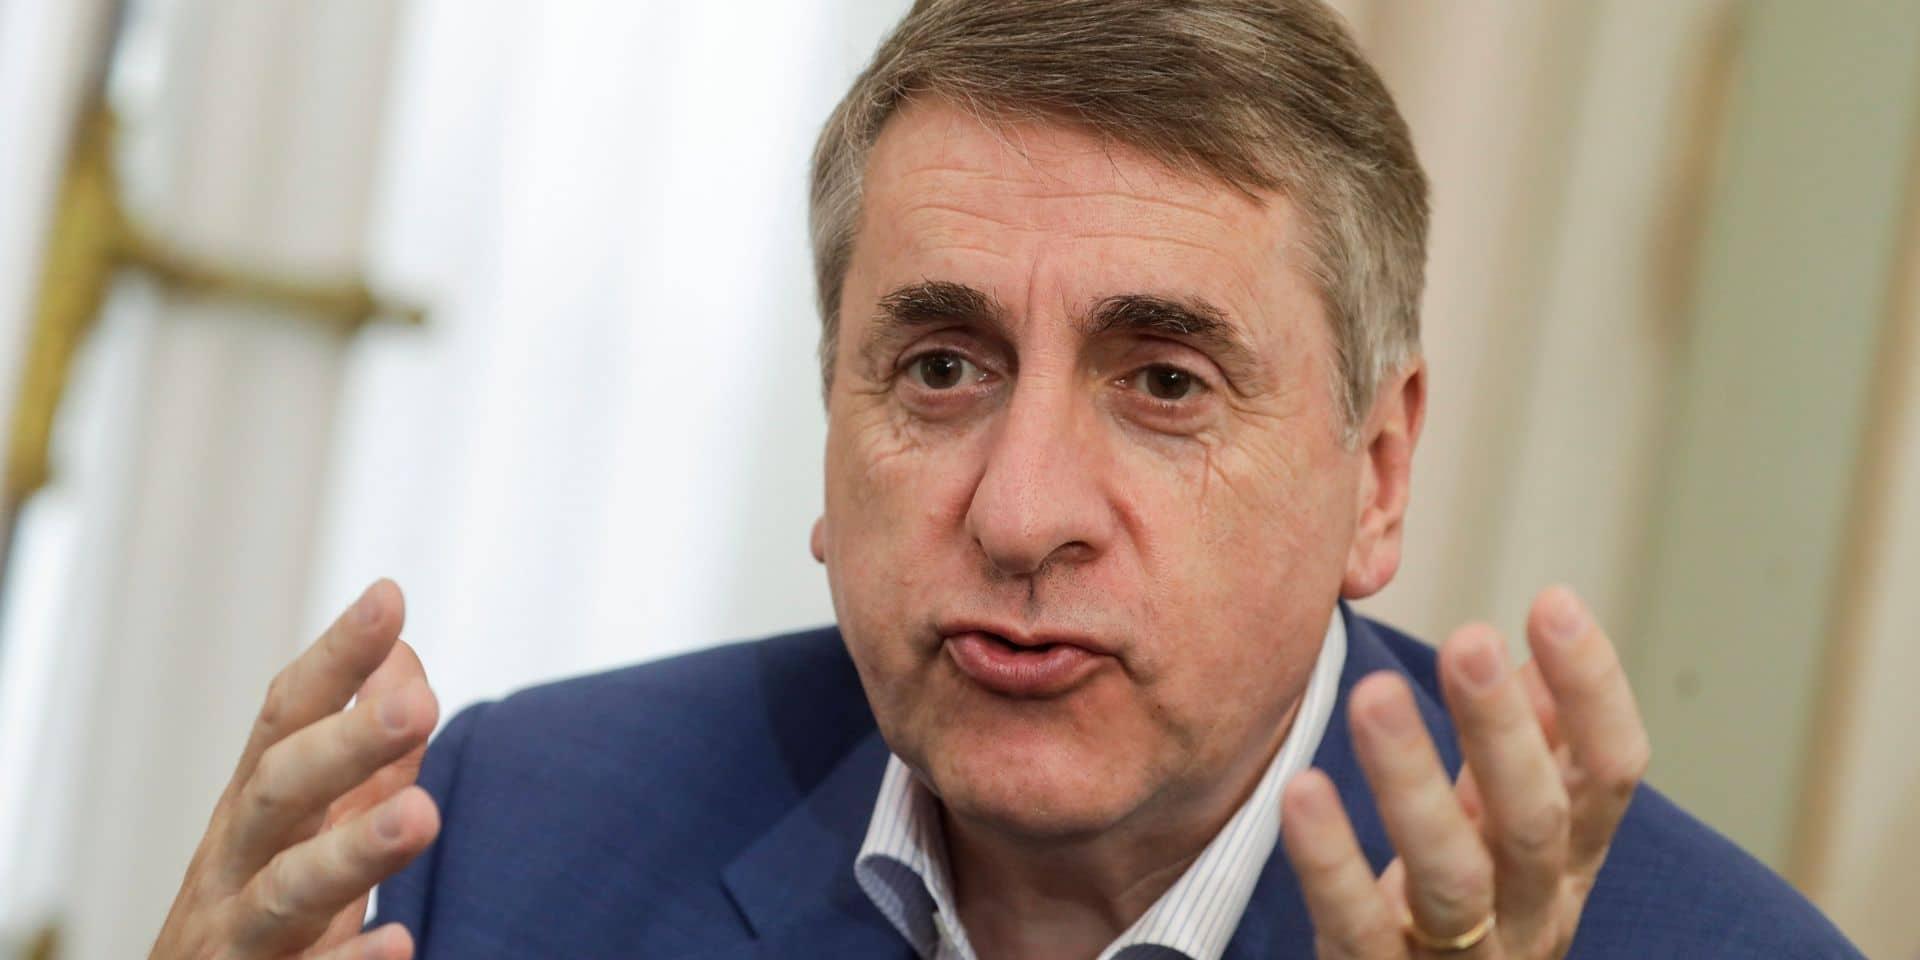 """La stratégie d'Olivier Maingain pour aider l'Horeca: """"Offrir des subsides pour des procédures judiciaires contre les décisions gouvernementales"""""""